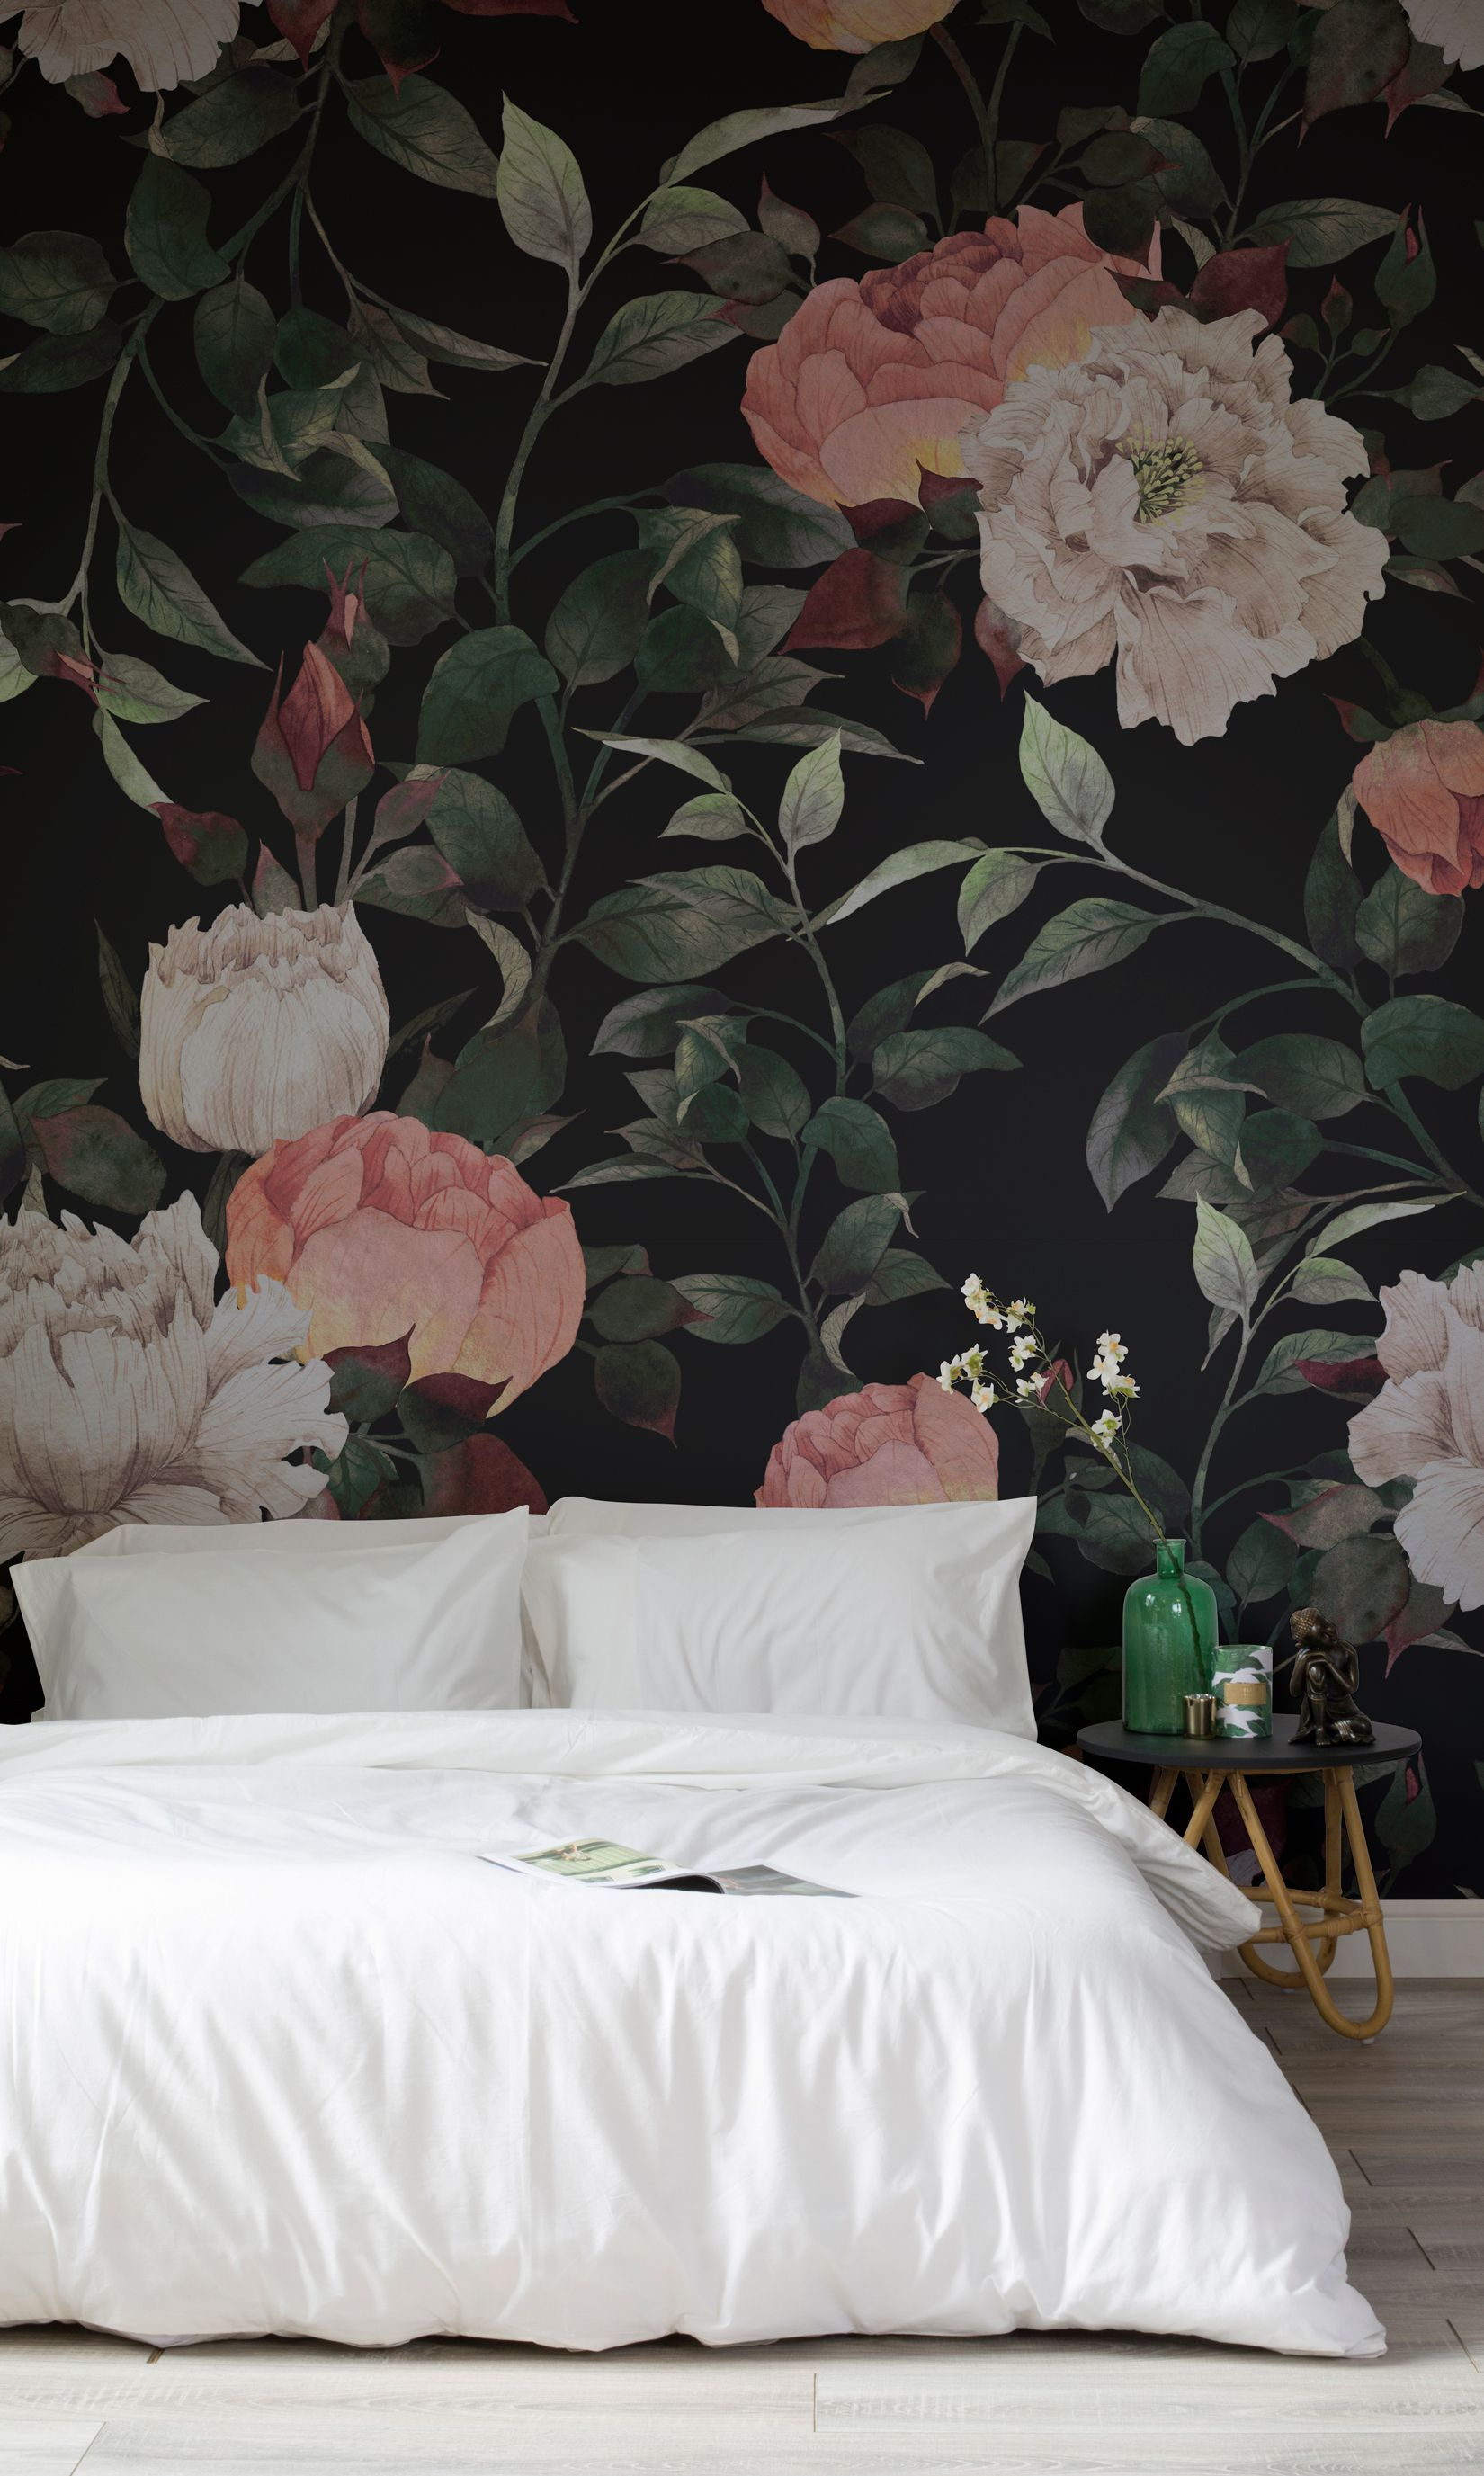 Dark Vintage Floral Wall Mural Home Decor Vintage Floral